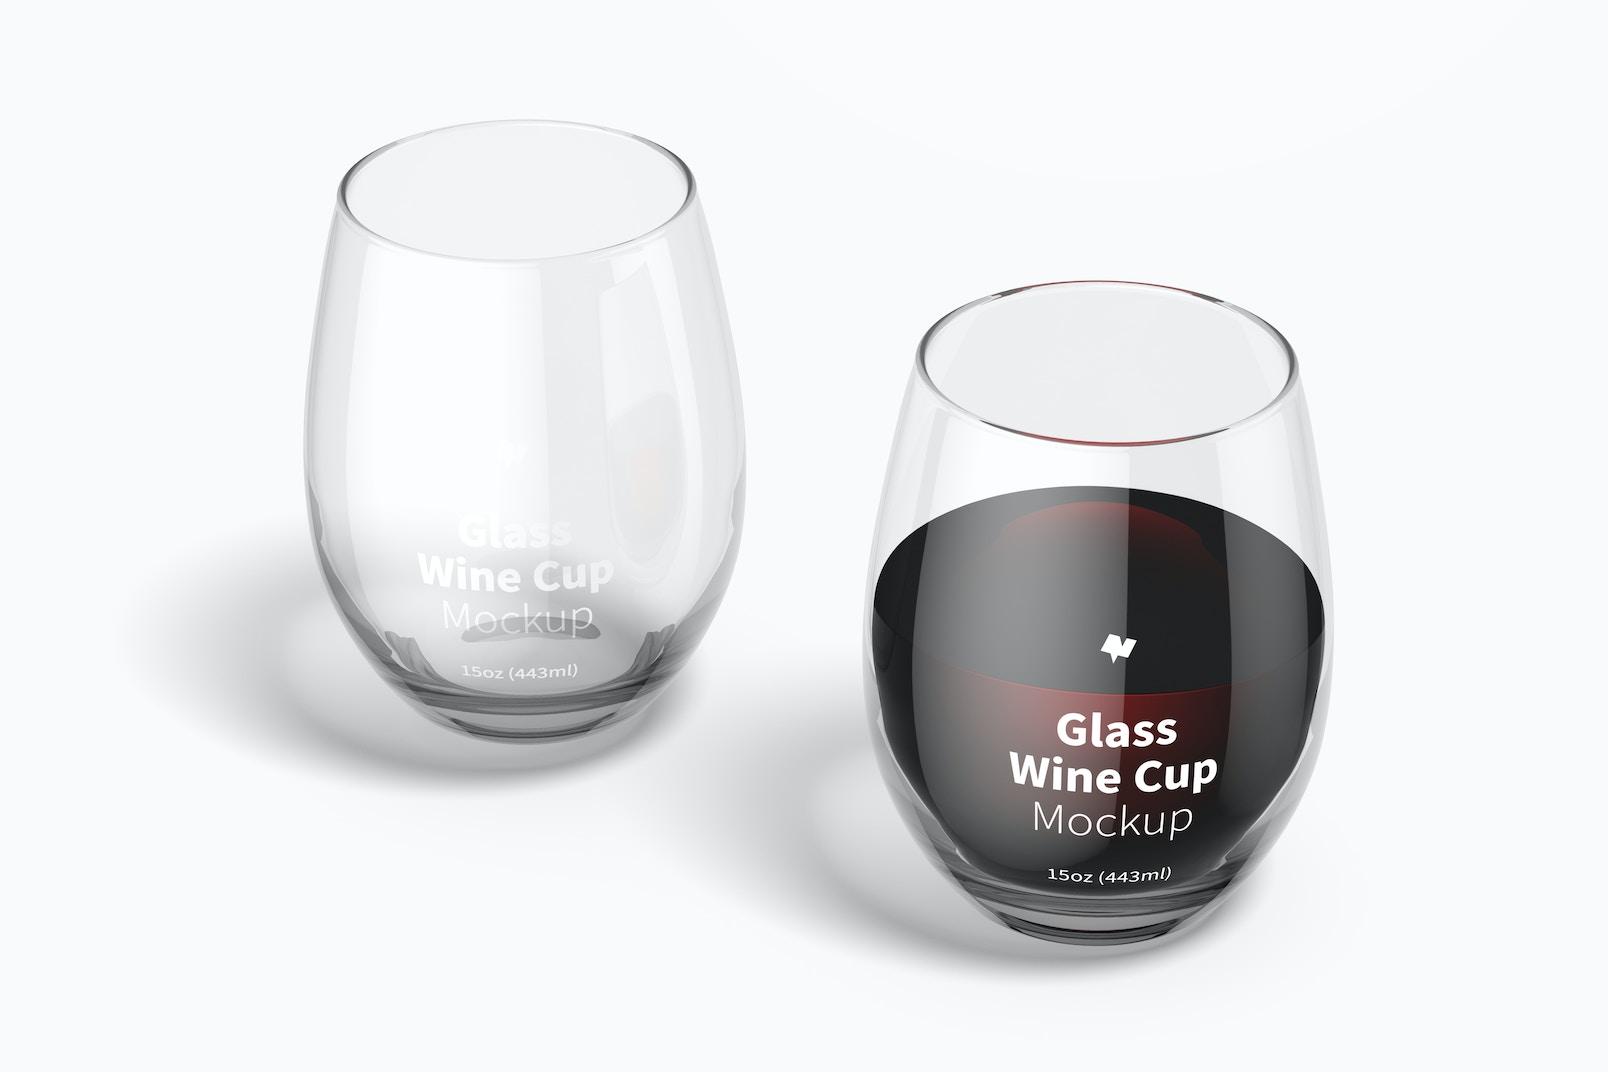 15 oz Glass Wine Cups Mockup